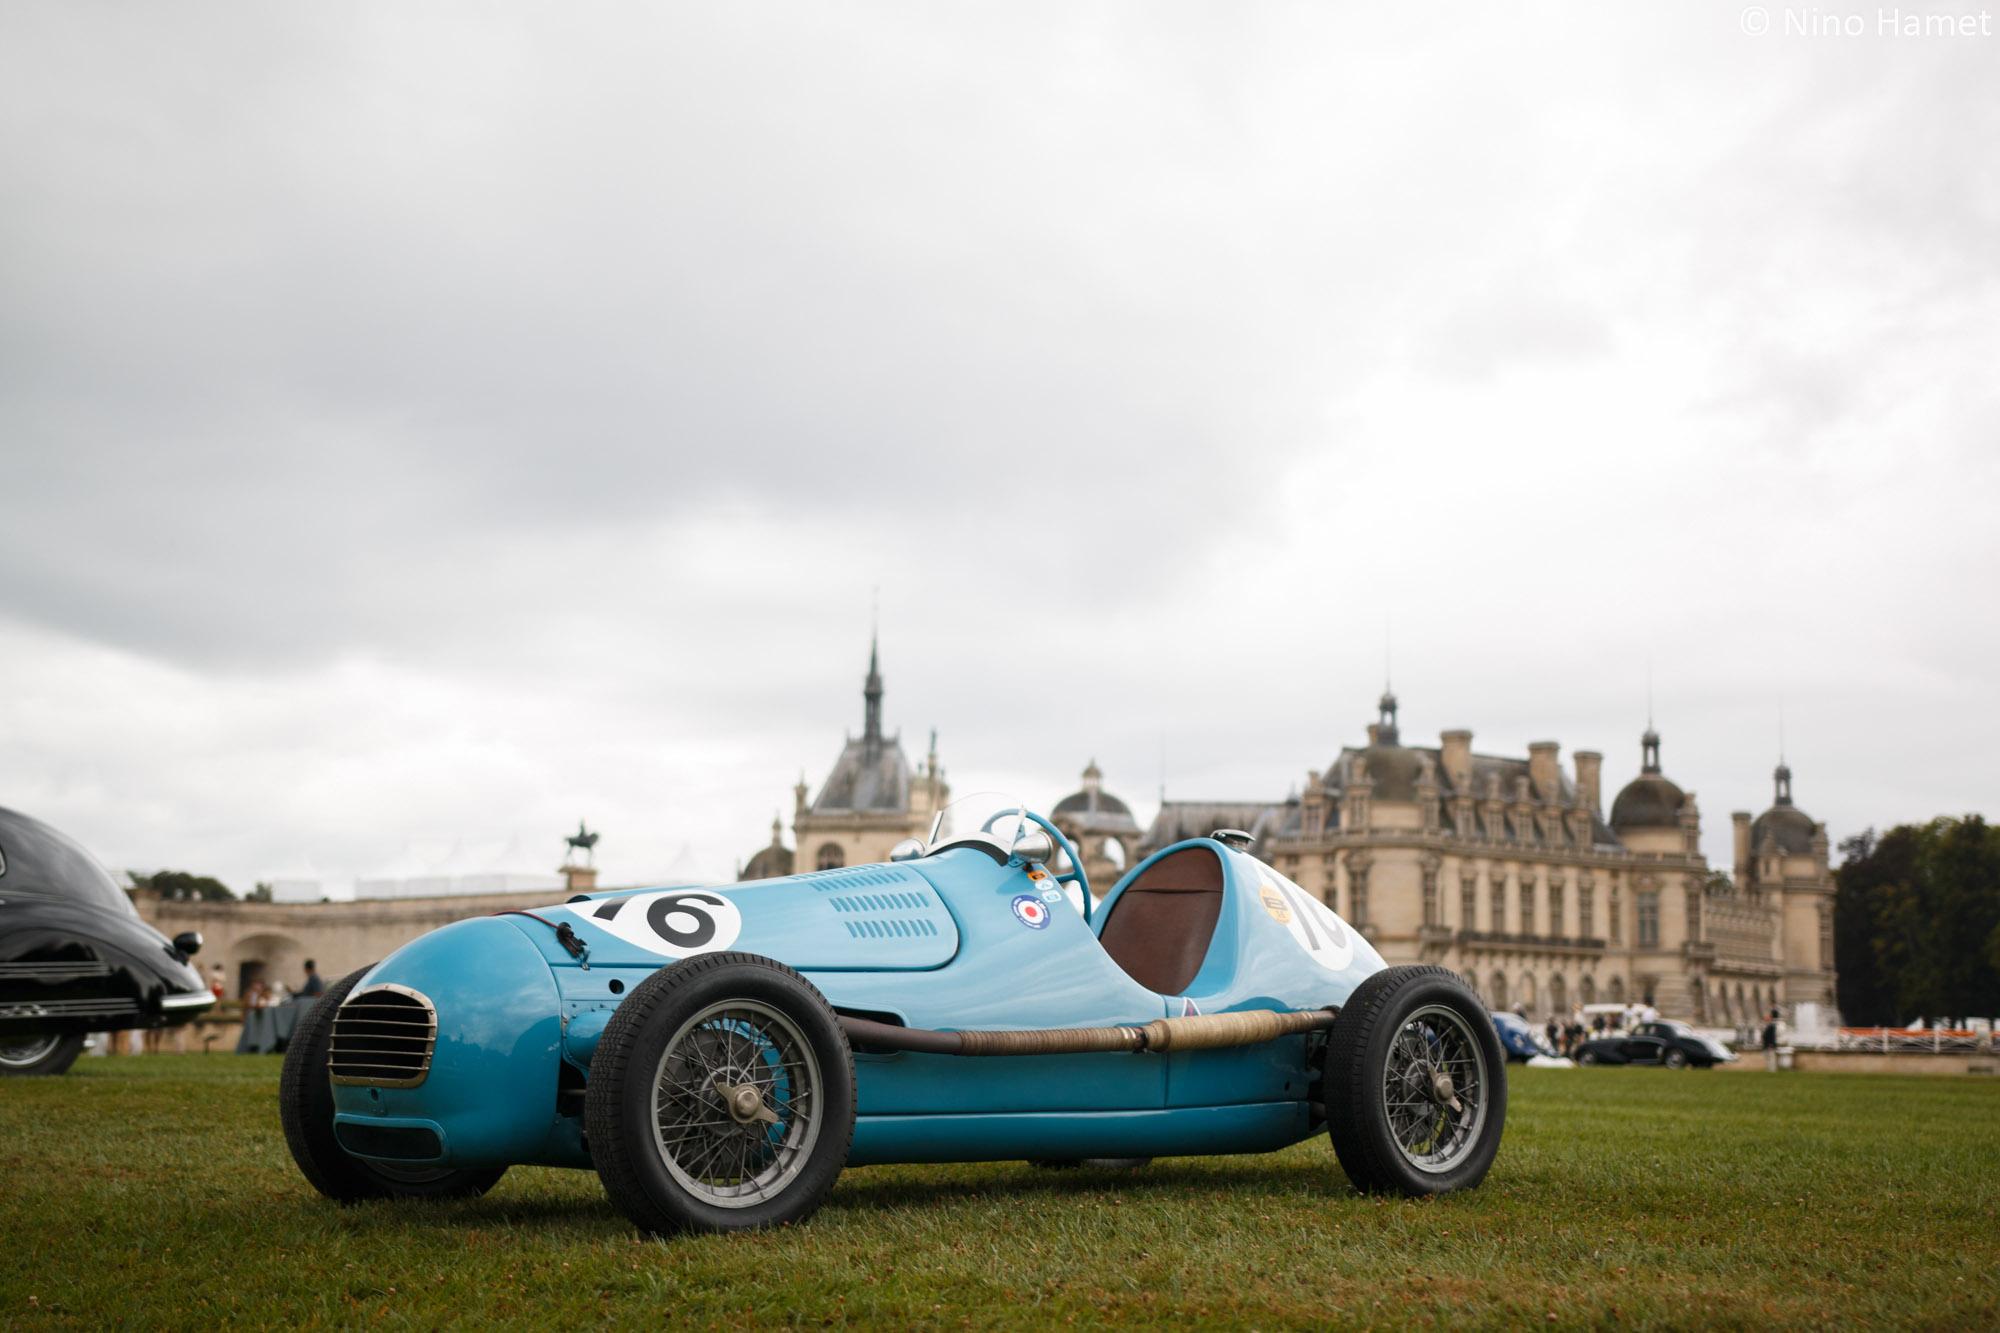 Les Formule 1 à moteur avant, premier prix : Gordini Type 11 1946